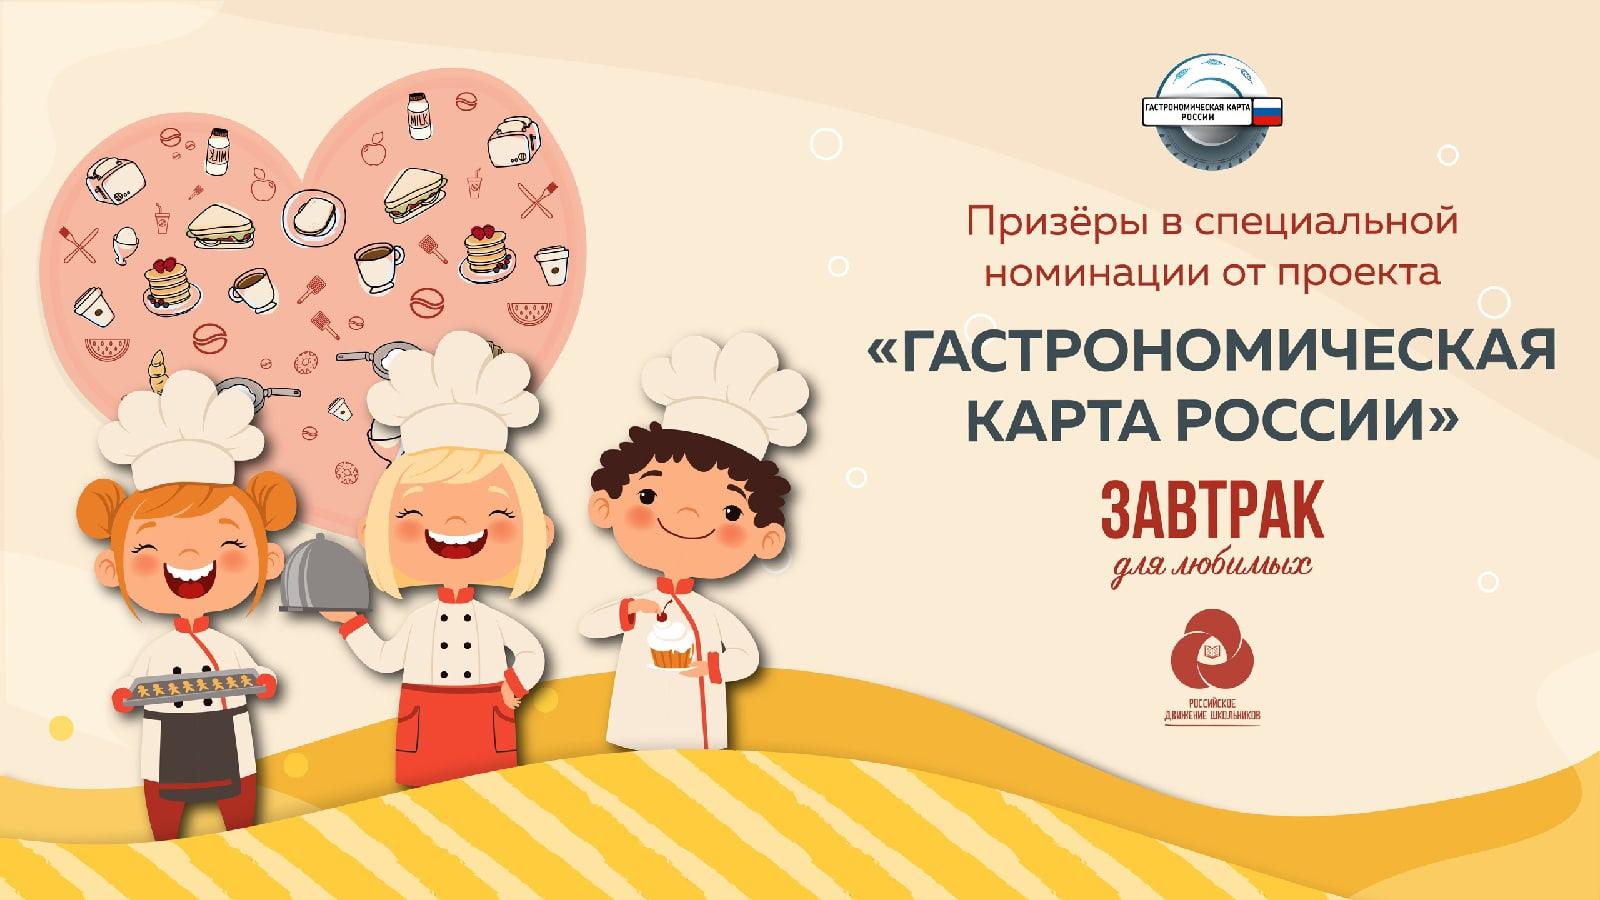 Поздравляем призера проекта «Гастрономическая карта России»!